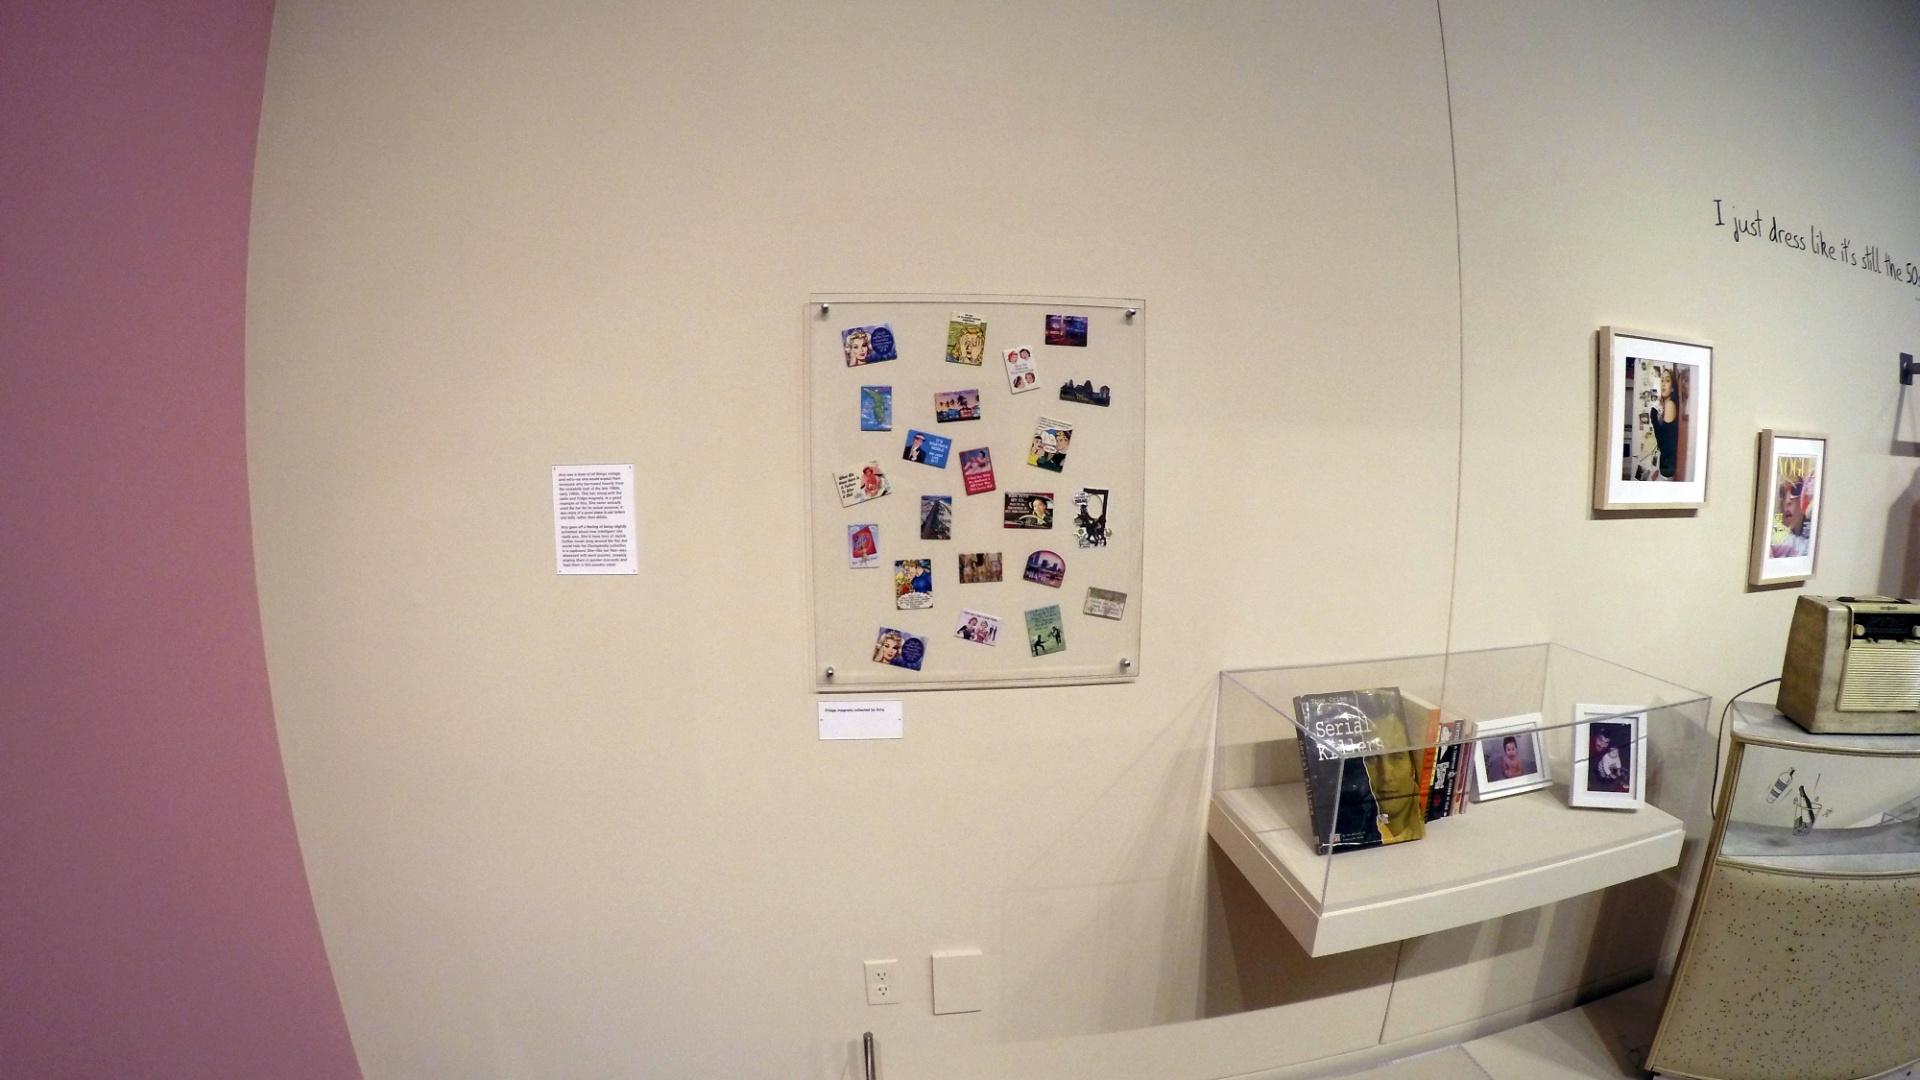 21.jul.2015 - Ímãs de geladeira com pin-ups falando barbaridades, colecionados por Amy Winehouse, na exposição